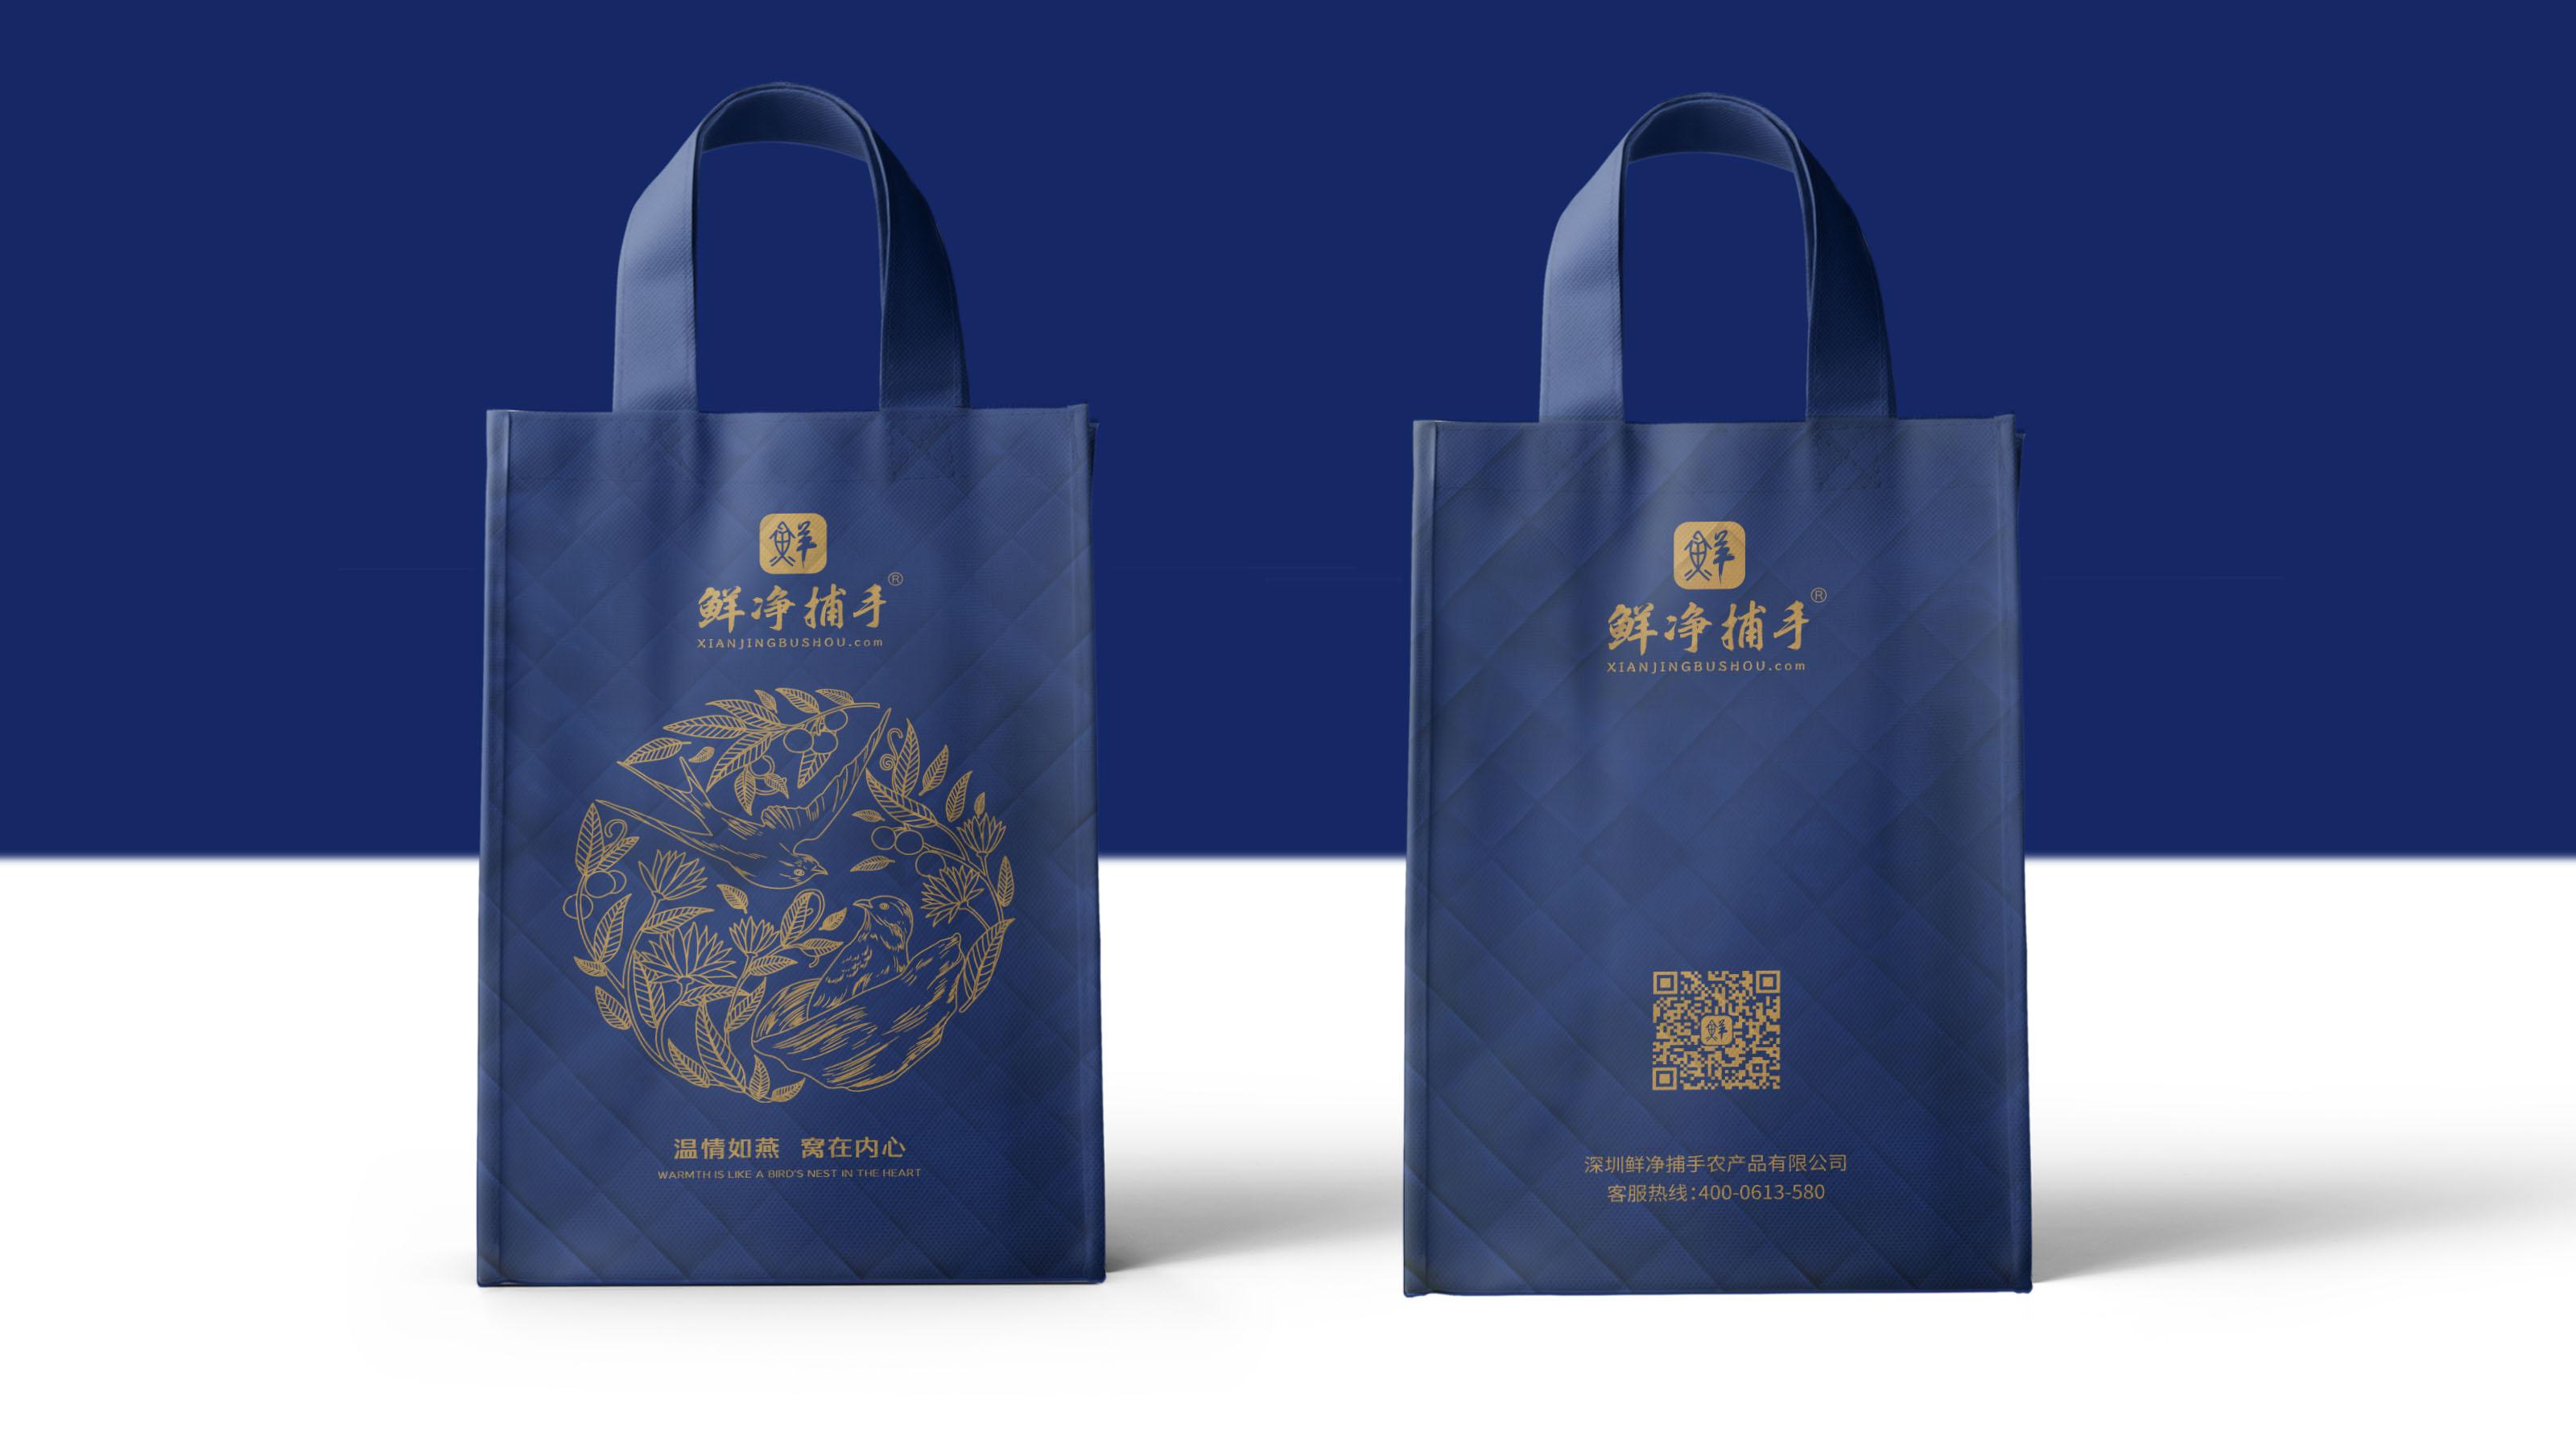 鮮凈捕手食品品牌包裝設計